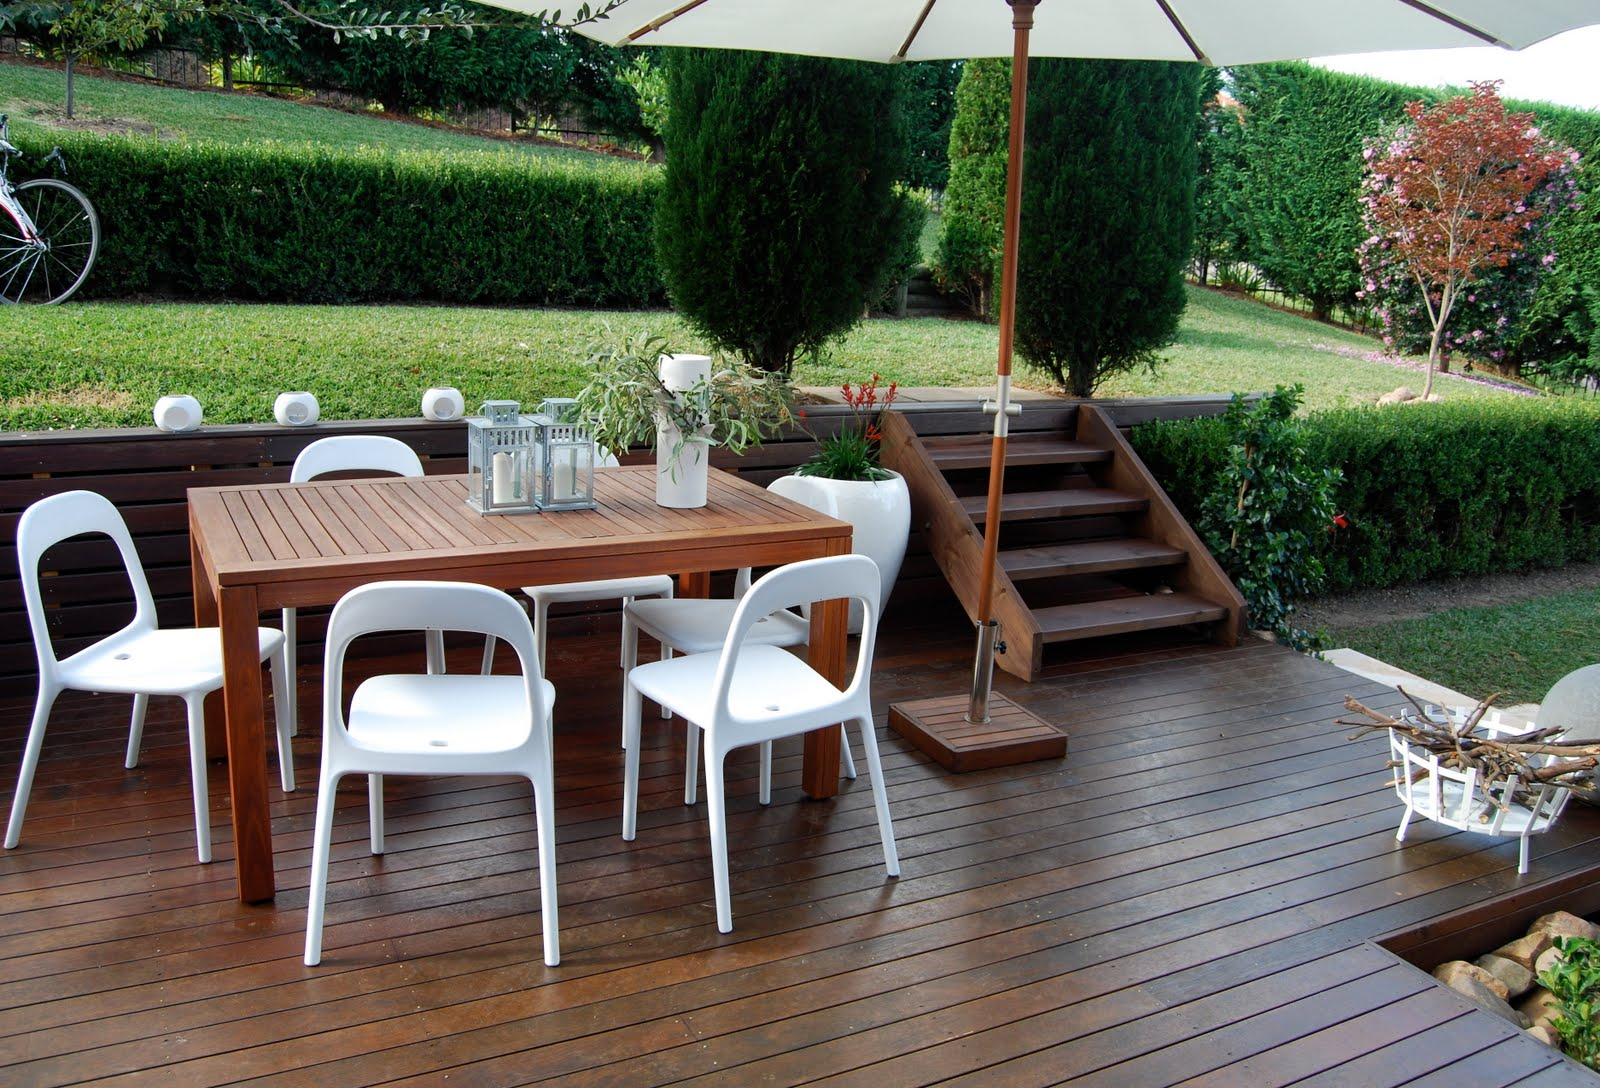 Kids-udendørs-møbler-ikea-kids-udendørs-møbler-ikea-home-ikea-terrasse-møbler